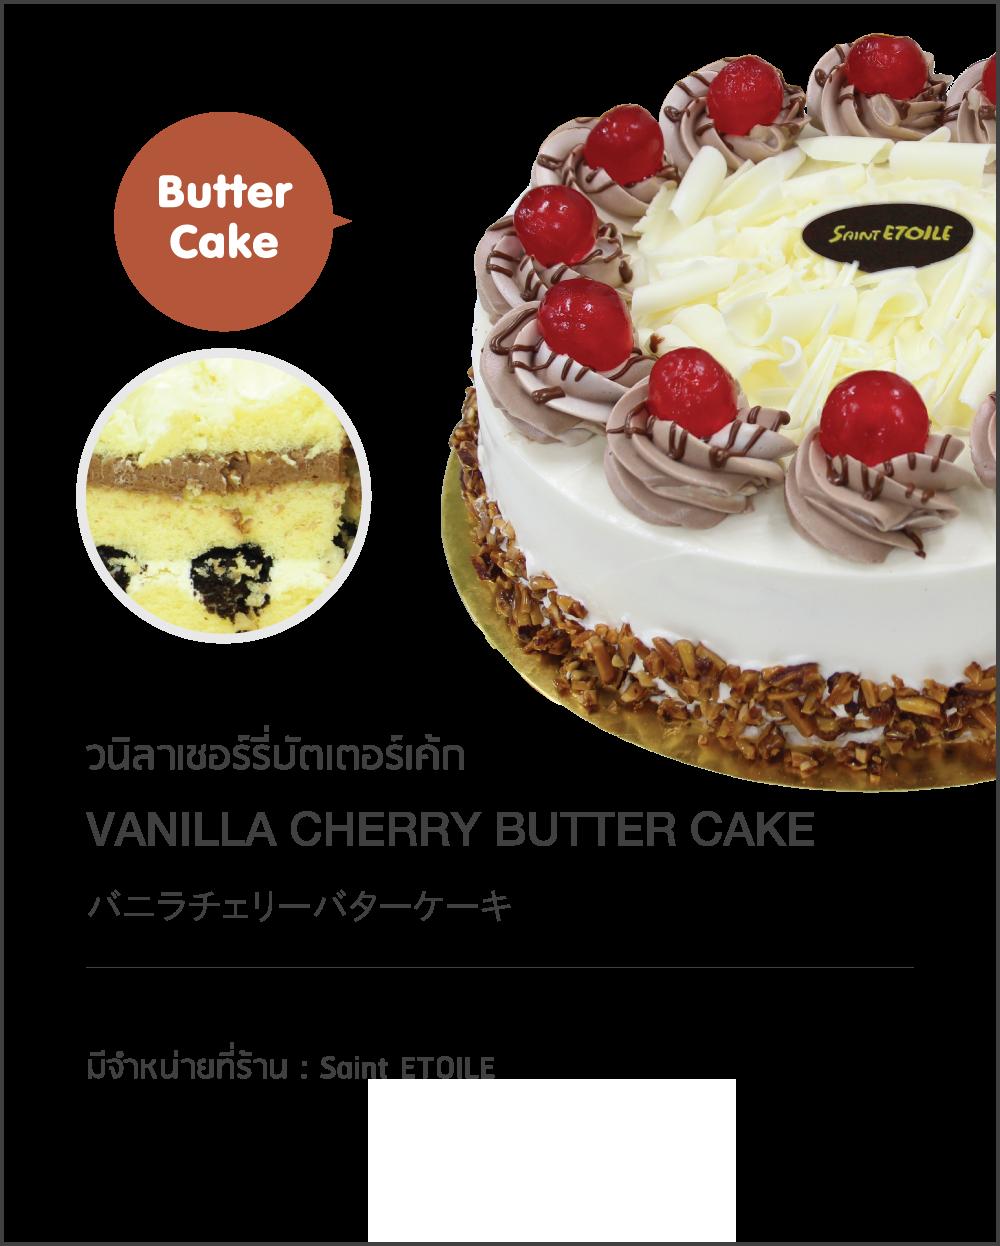 Vanilla cherry butter cake